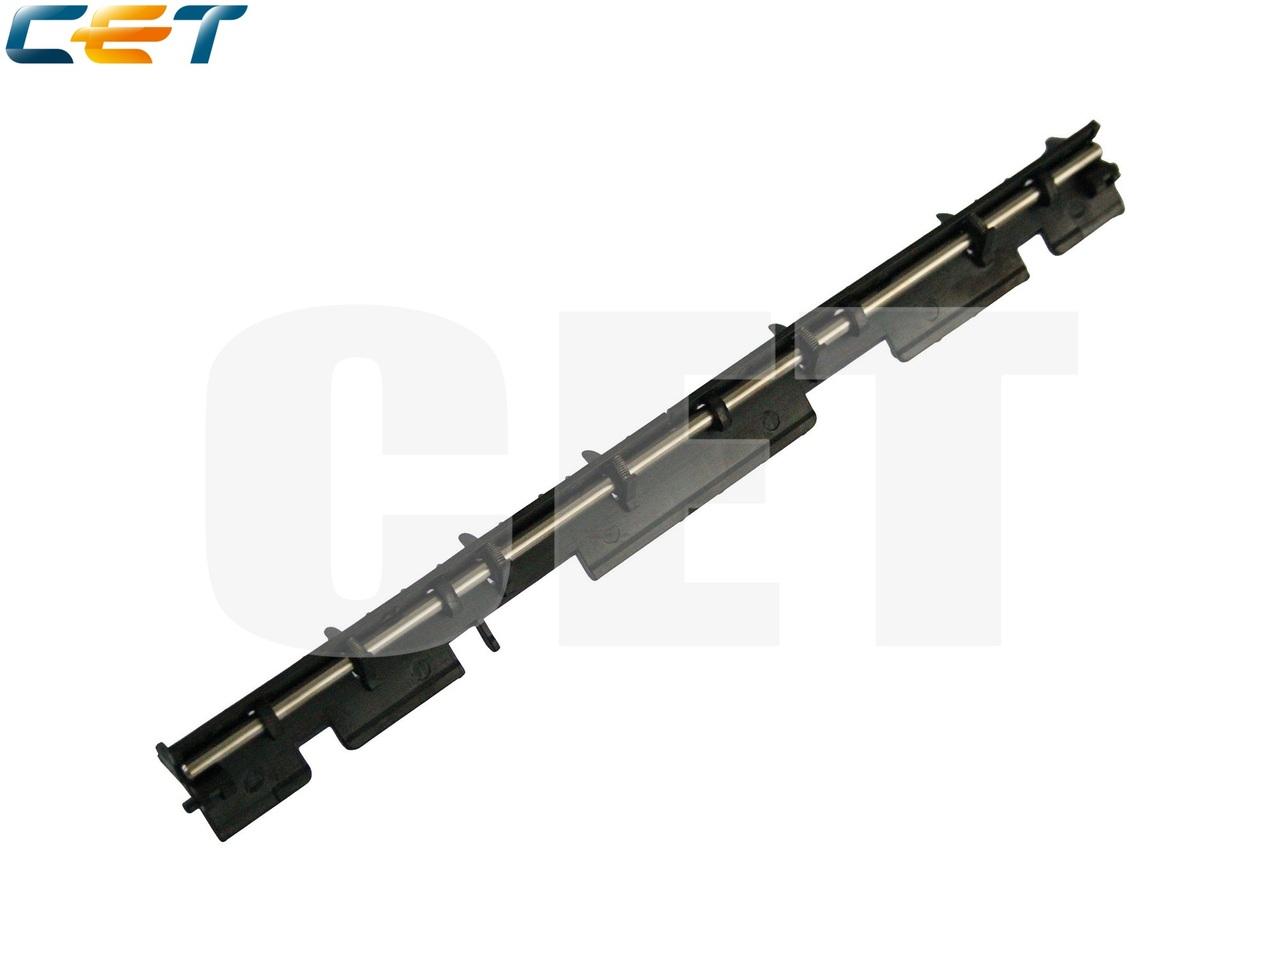 Узел сепараторов тефлонового вала 99A2035 для LEXMARKT630/T640/T650 (CET), CET3709